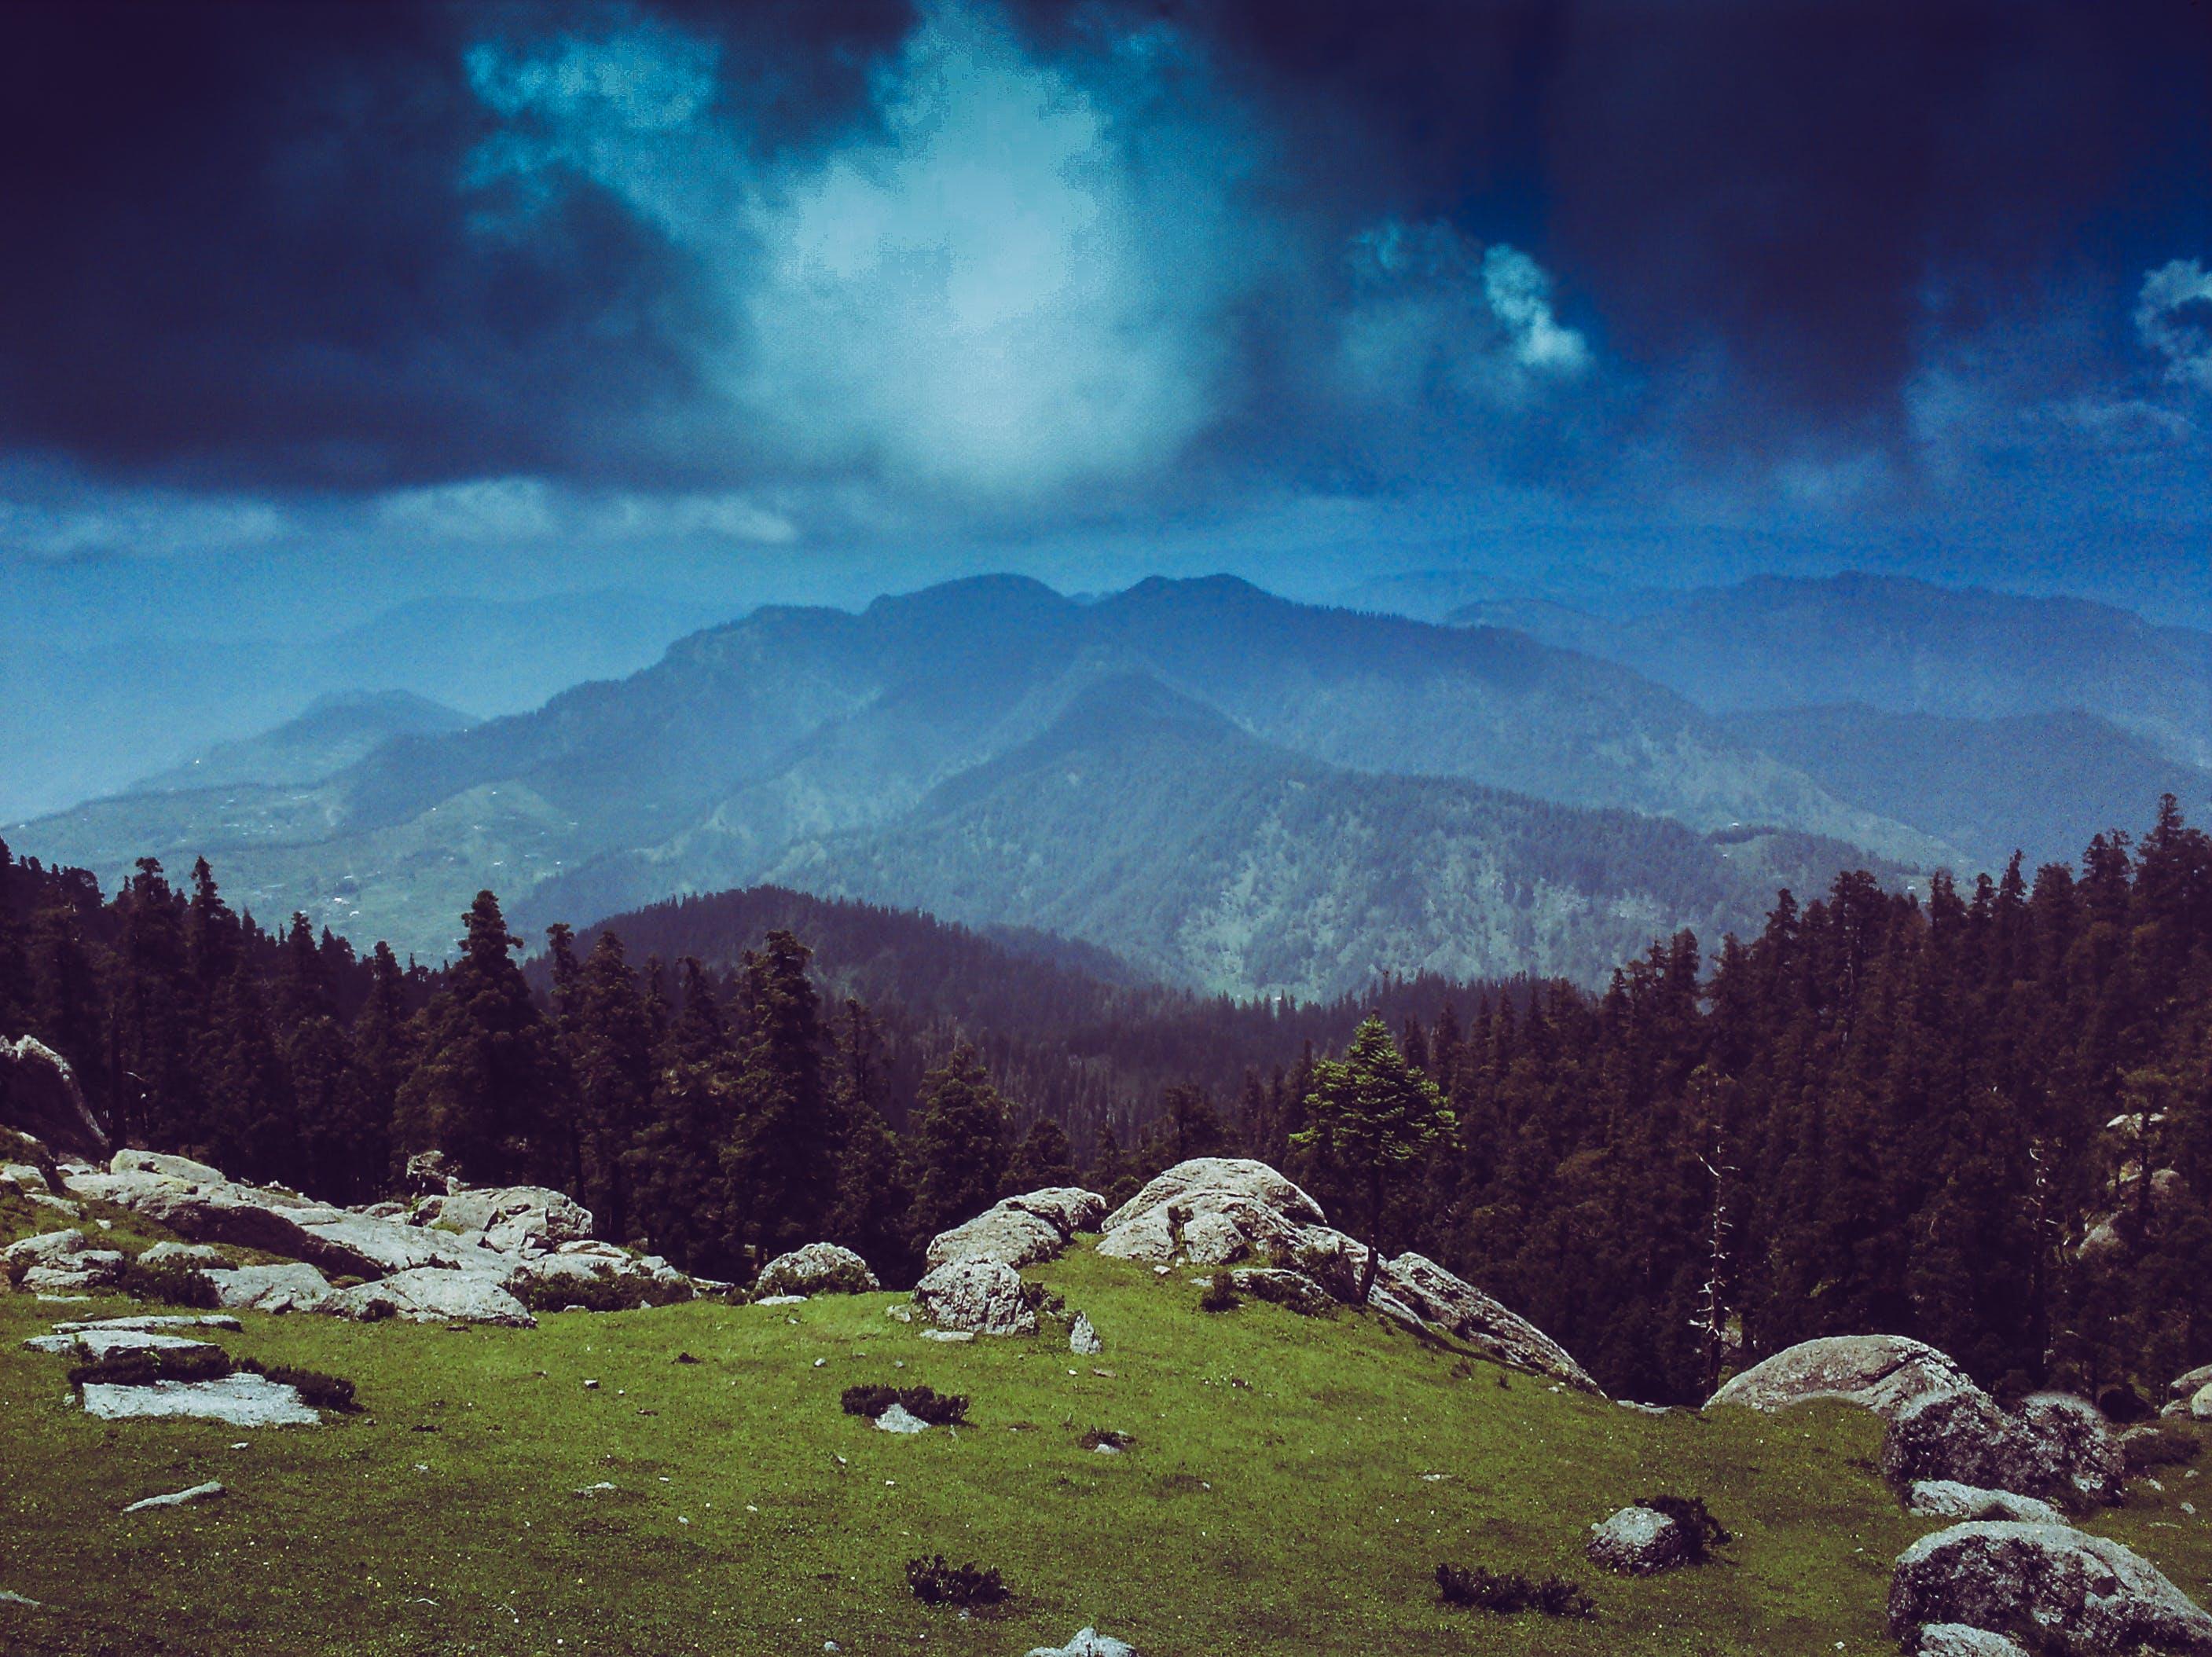 경치, 경치가 좋은, 골짜기, 구름층의 무료 스톡 사진